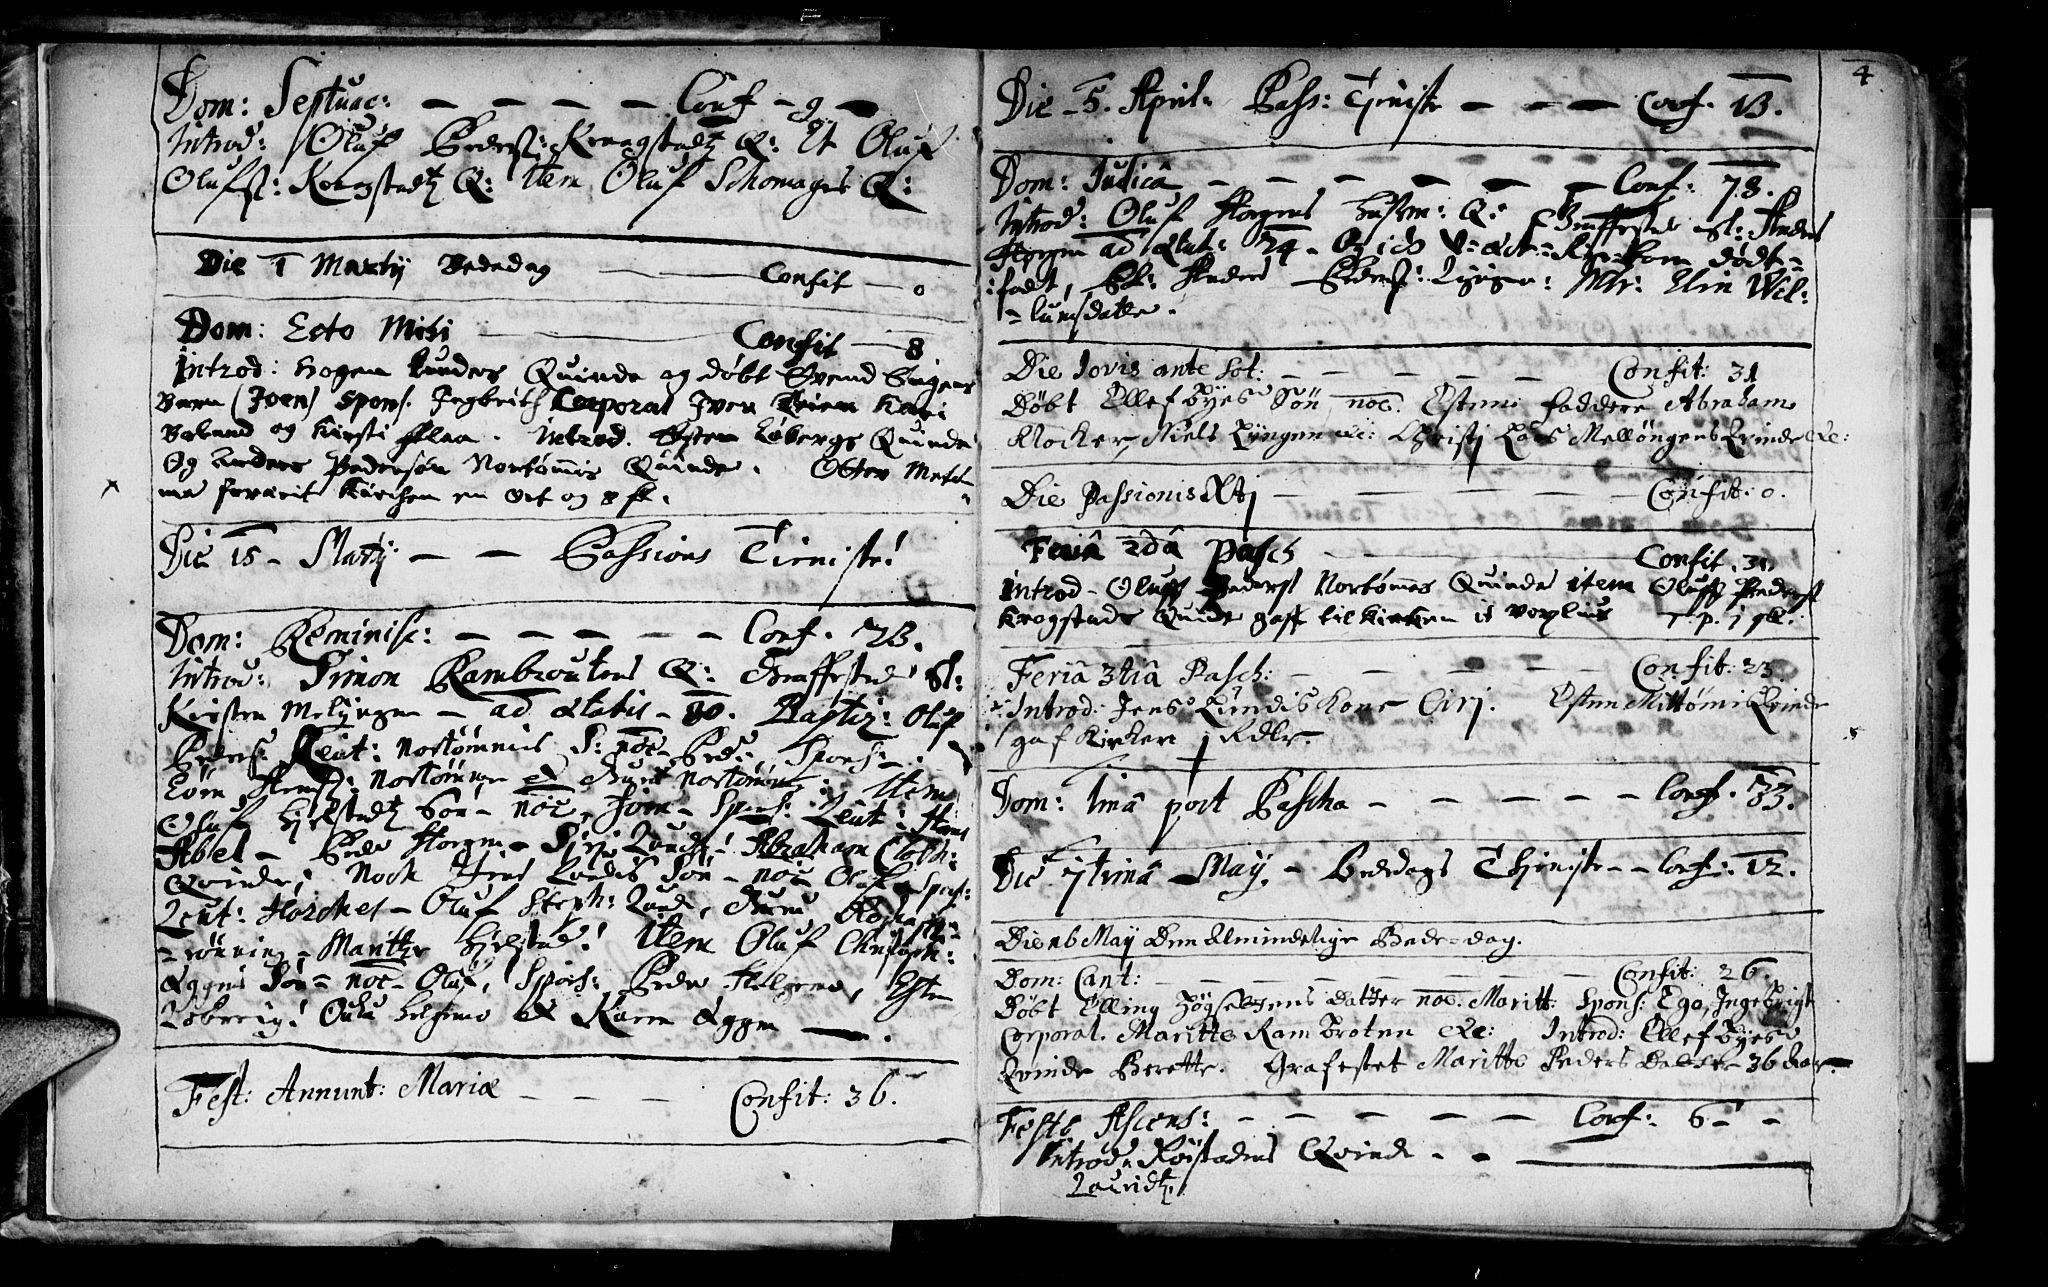 SAT, Ministerialprotokoller, klokkerbøker og fødselsregistre - Sør-Trøndelag, 692/L1101: Ministerialbok nr. 692A01, 1690-1746, s. 4